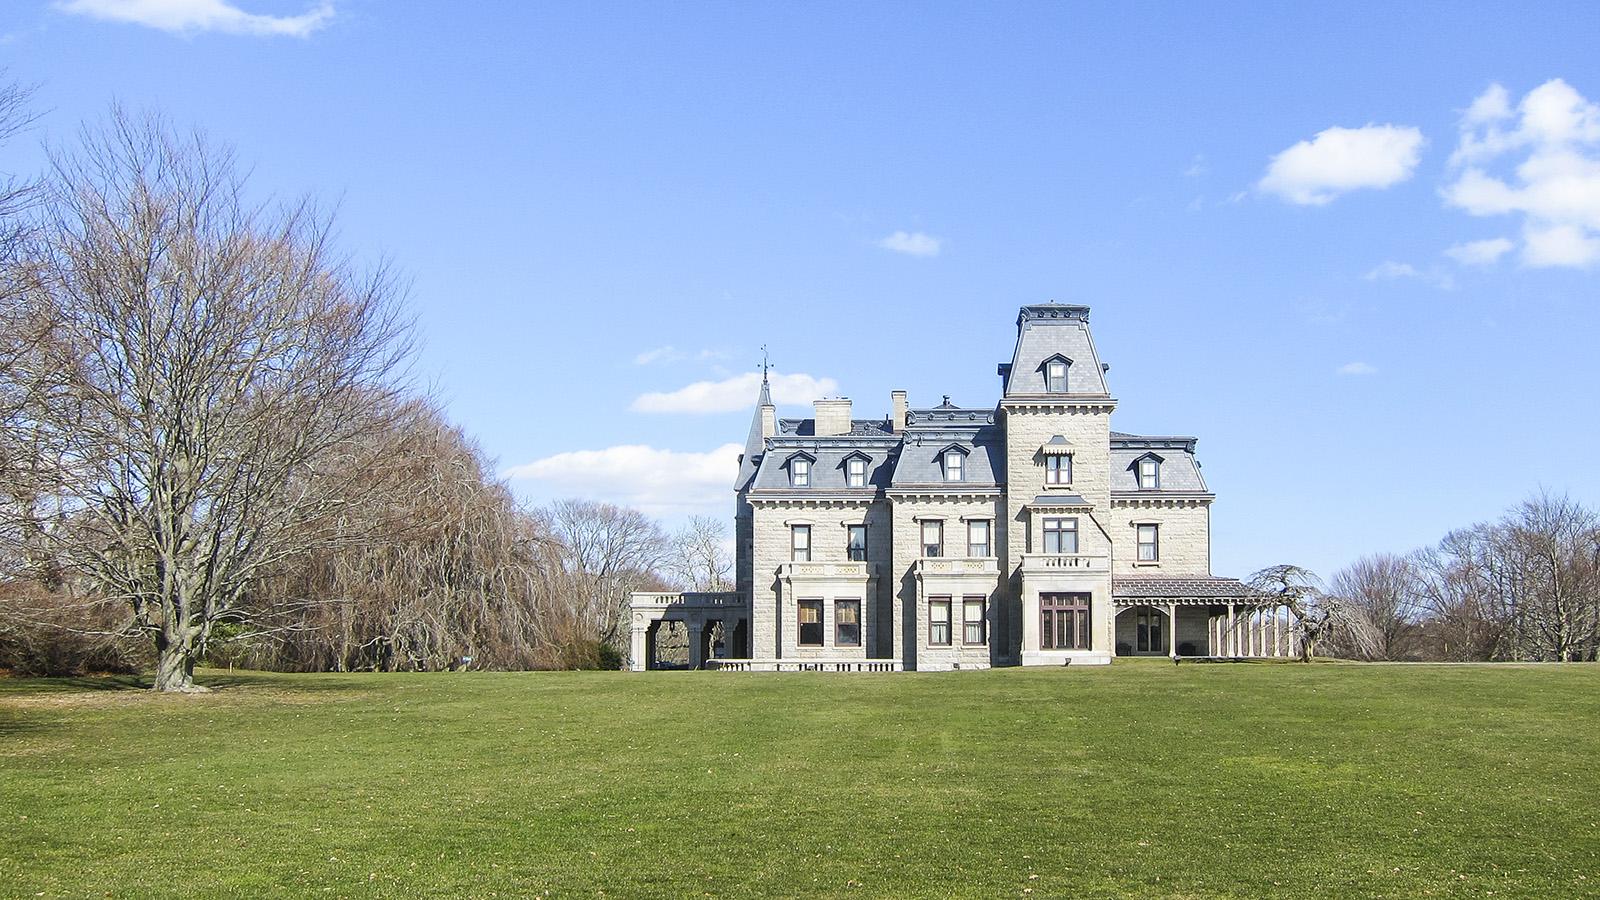 Chateau-sur-Mer.jpg